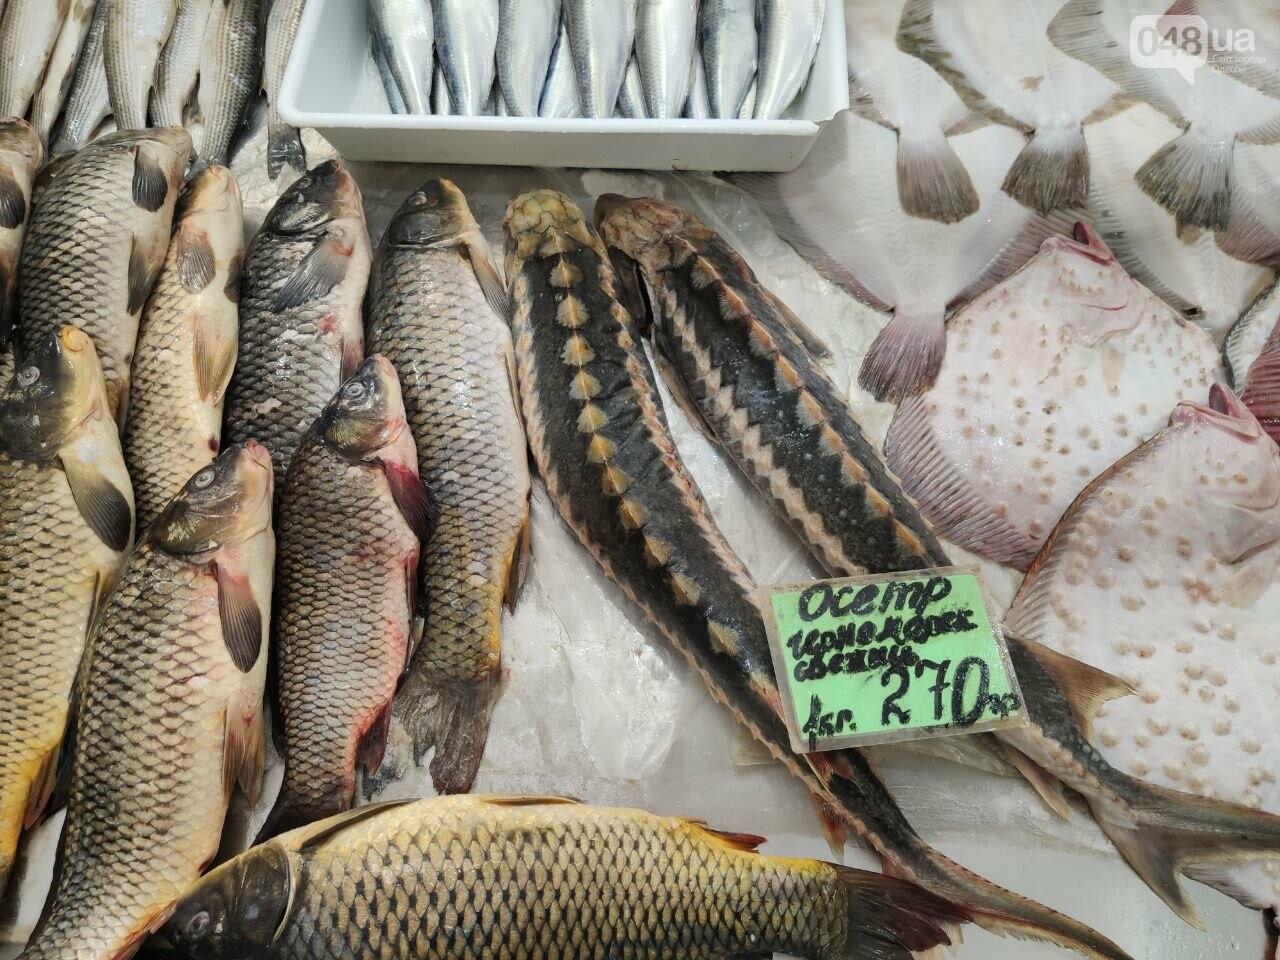 Осетр, мидии, хамса: рыбный четверг на одесском Привозе, - ФОТО, фото-4